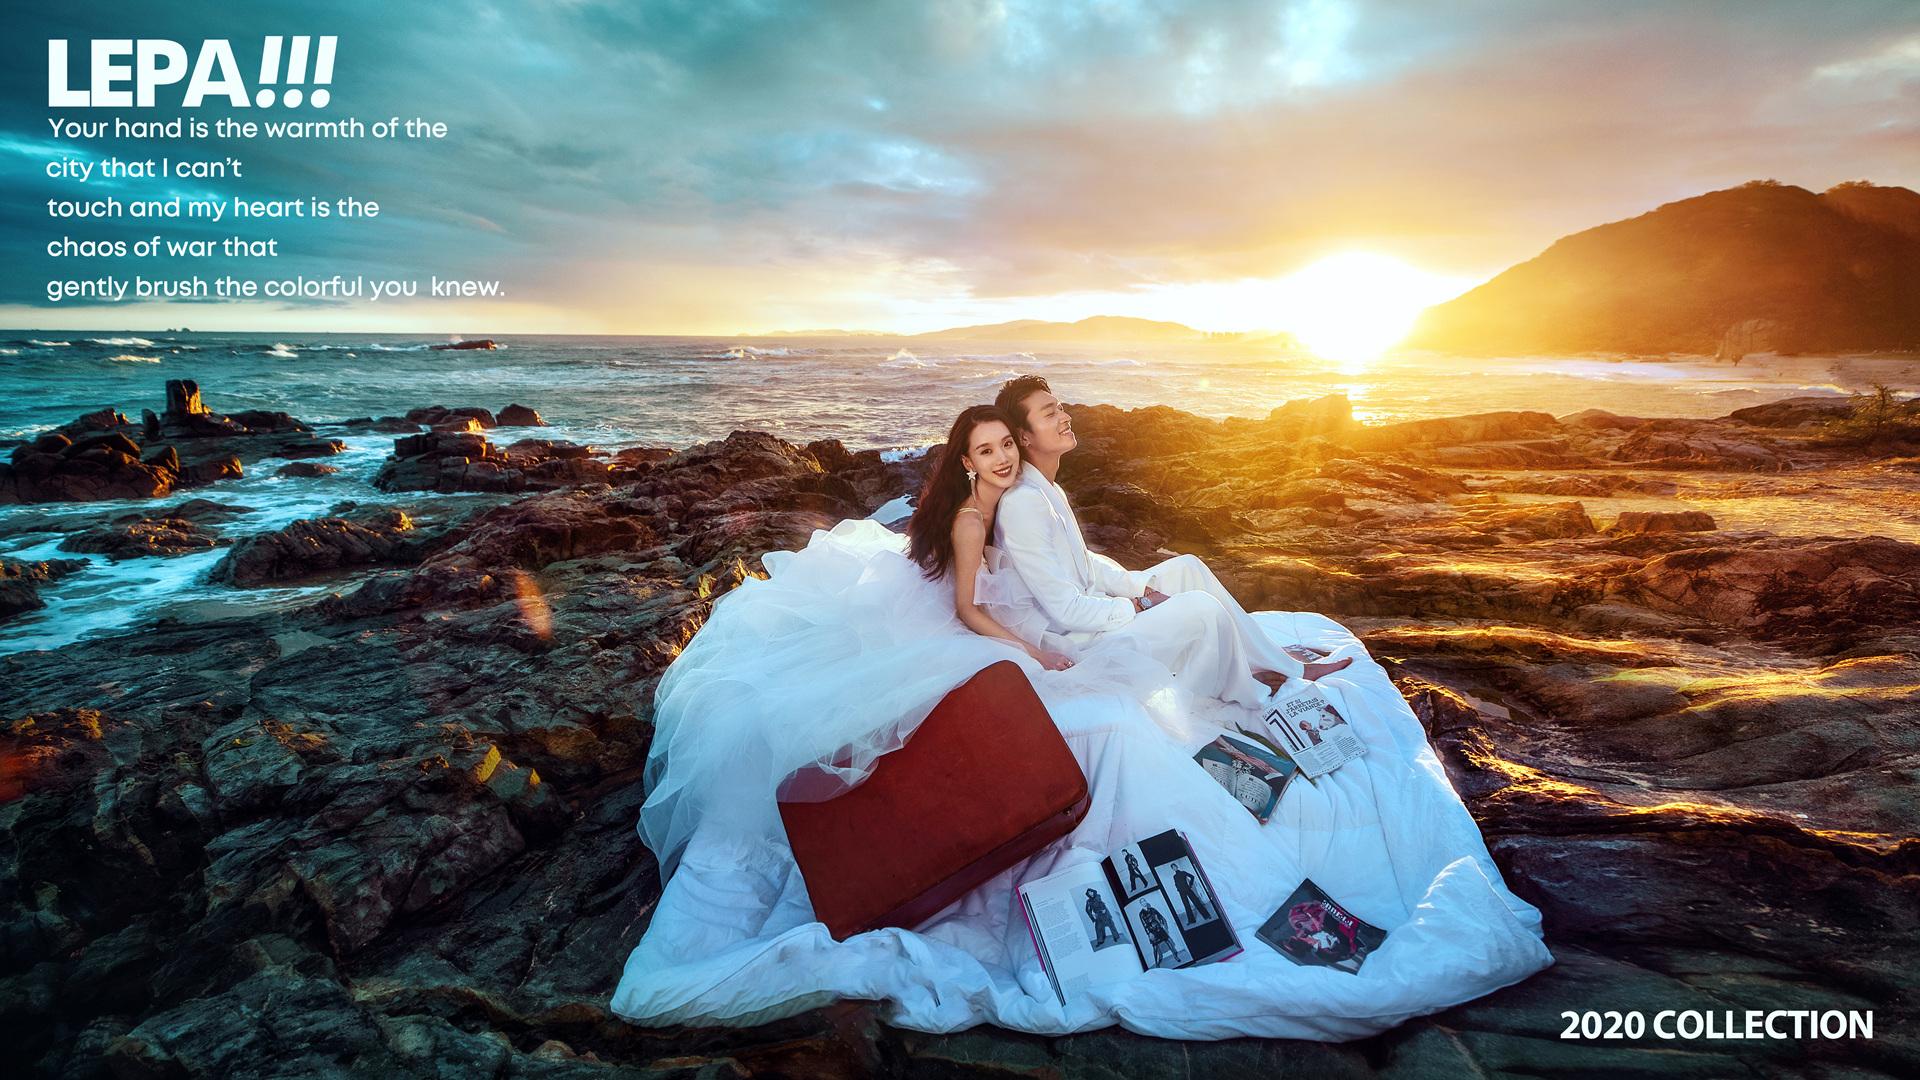 3月份厦门旅拍度蜜月合不合适呢?拍摄婚纱照需要注意什么?